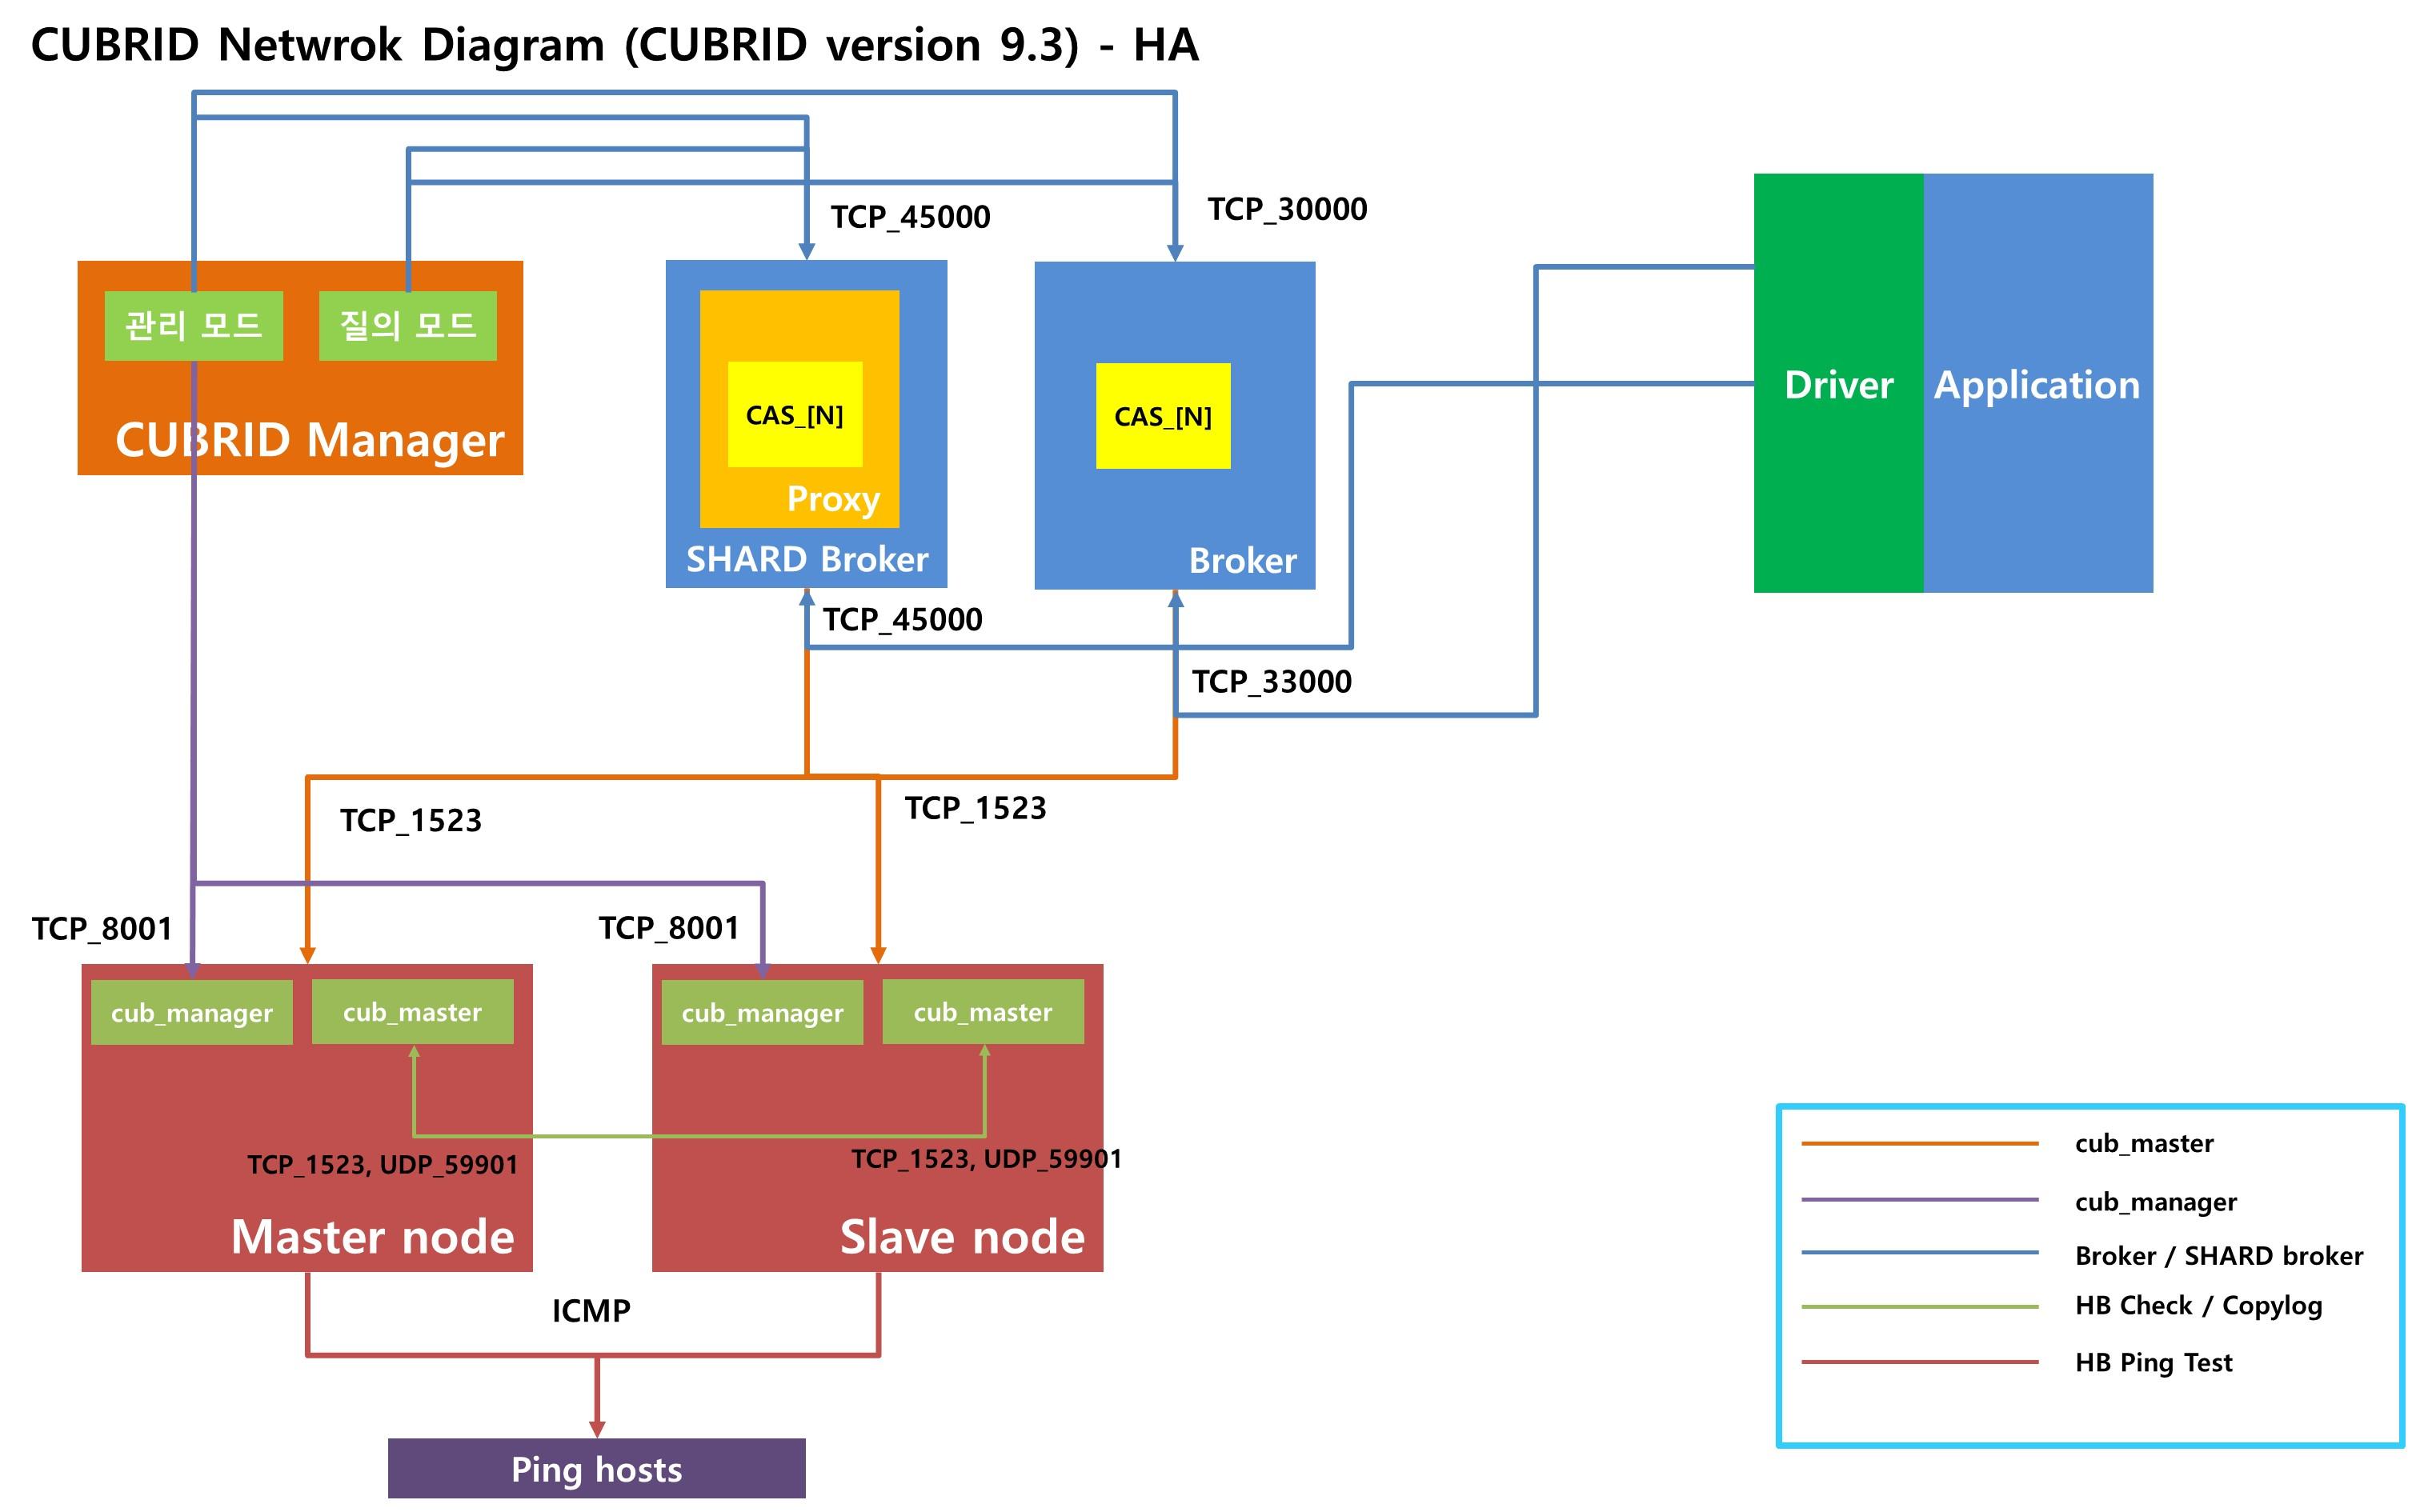 linux_93_ha.jpg